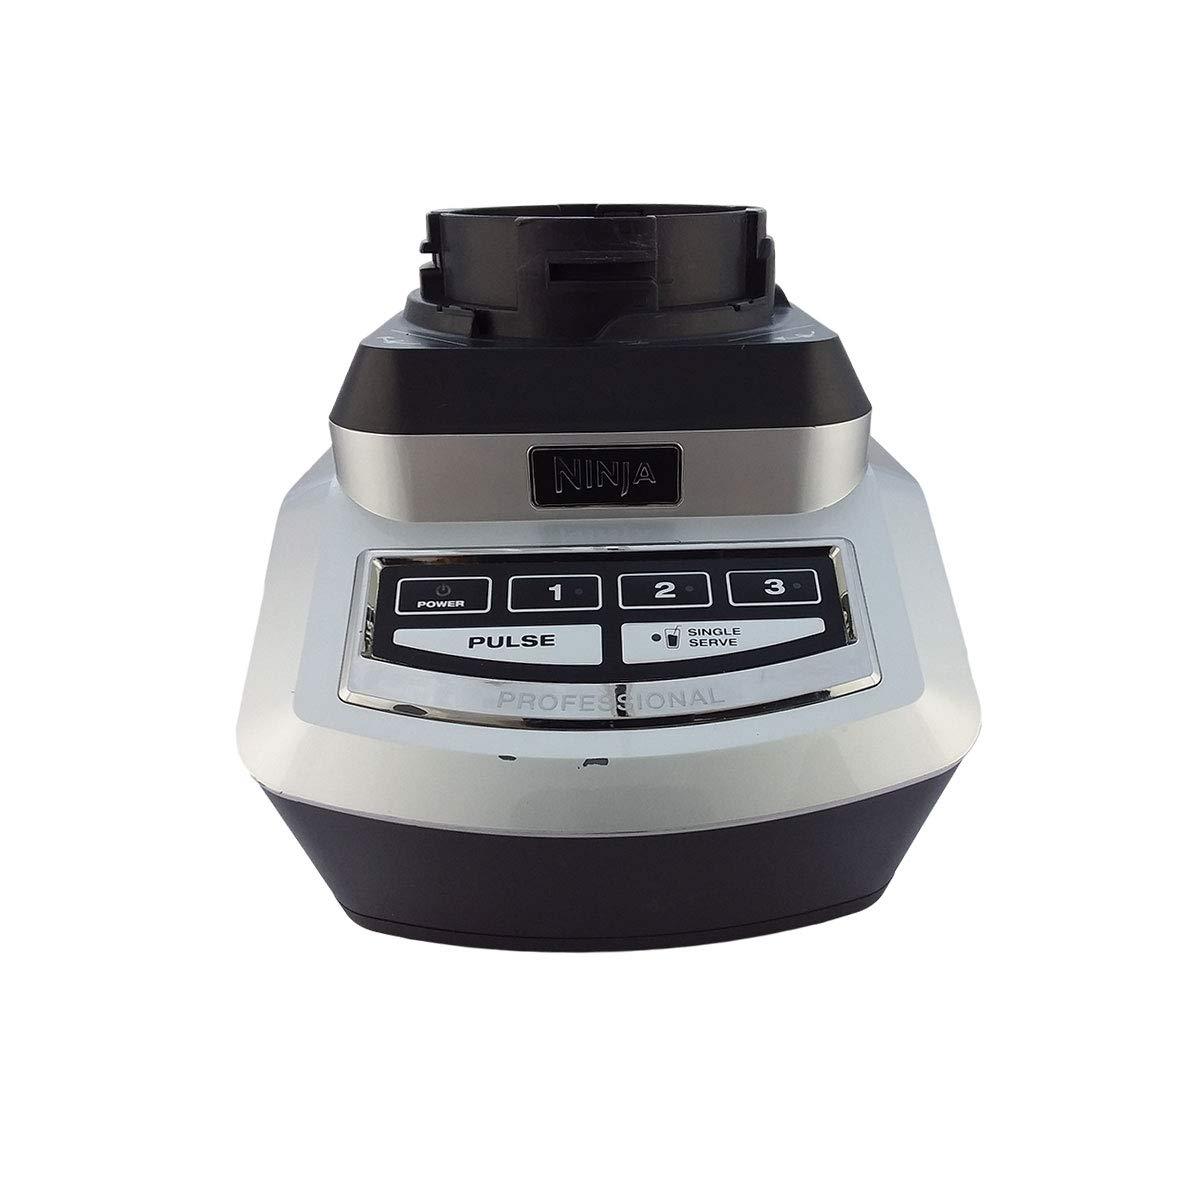 OEM BL740 Ninja Professional Blender & Nutri Ninja 1100 Watt Base 6 fin Gear for 16oz Tritan Cups 72oz XL Pitcher (Certified Refurbished)